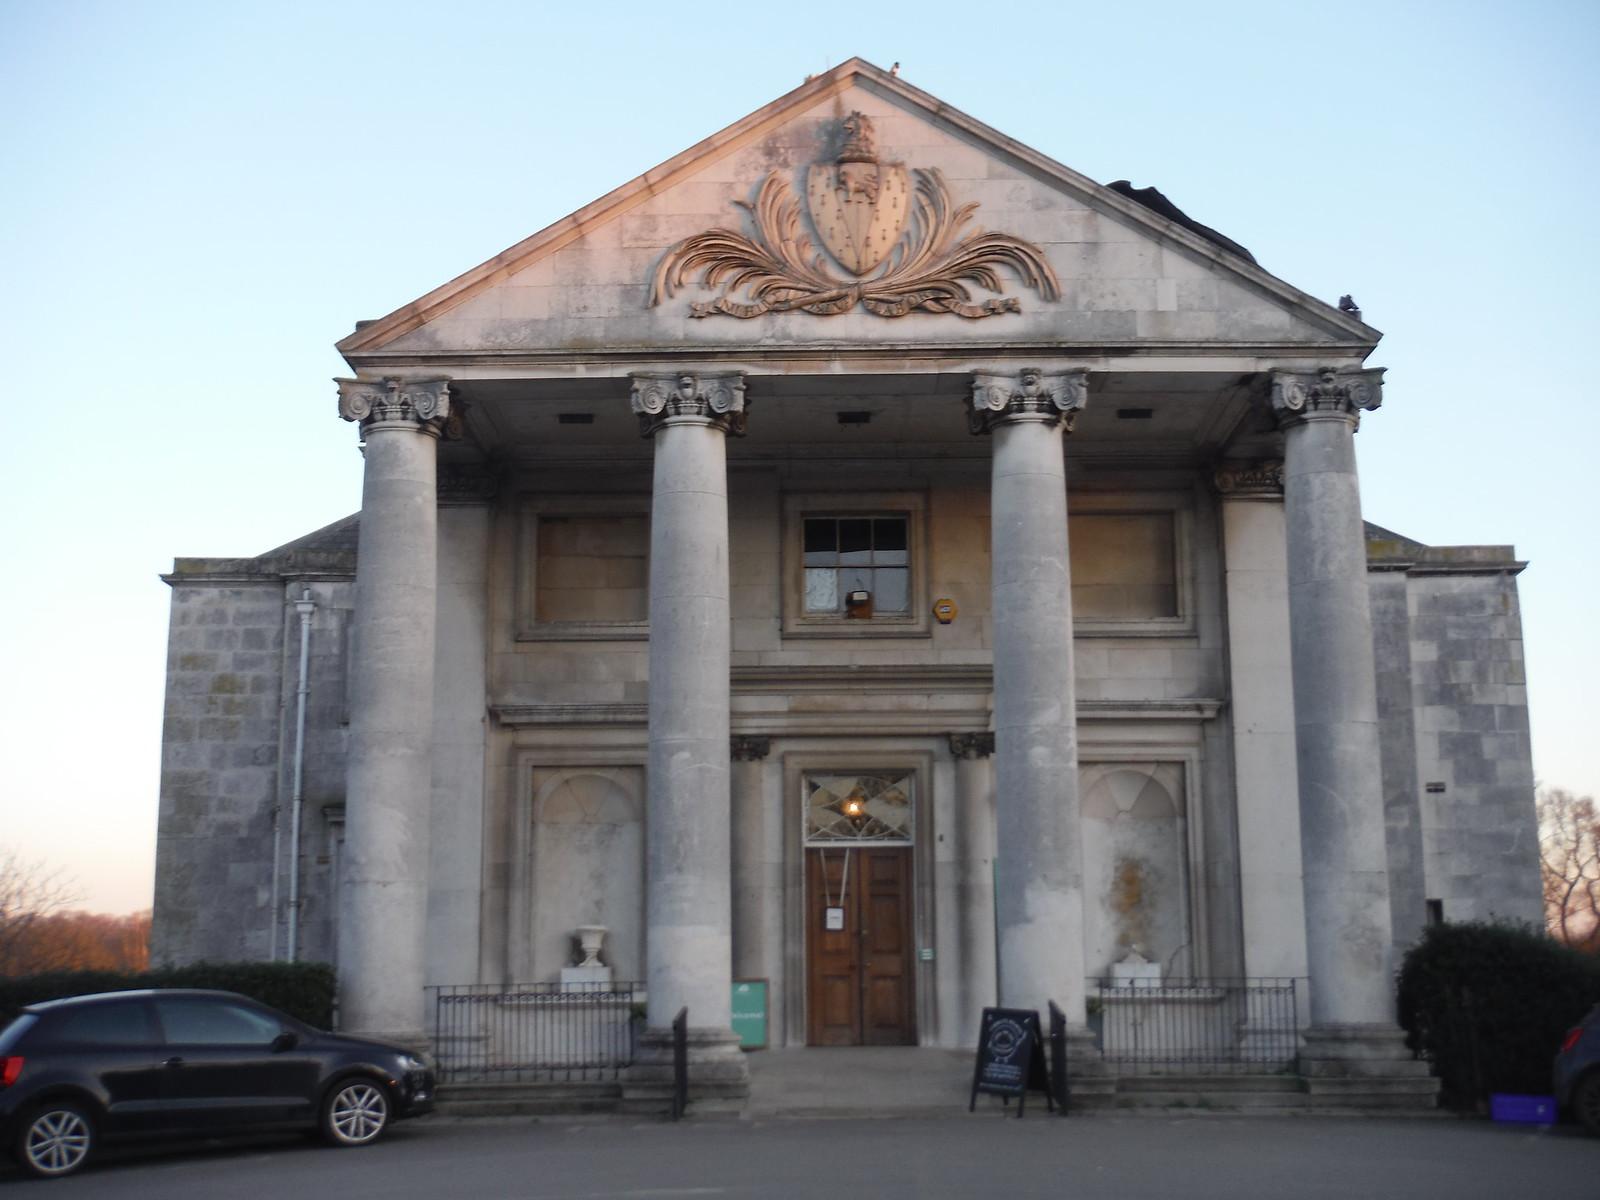 Beckenham Place (Pallatian Mansion) SWC Short Walk 36 - Waterlink Way (Lower Sydenham to Greenwich) [Ravensbourne Start]